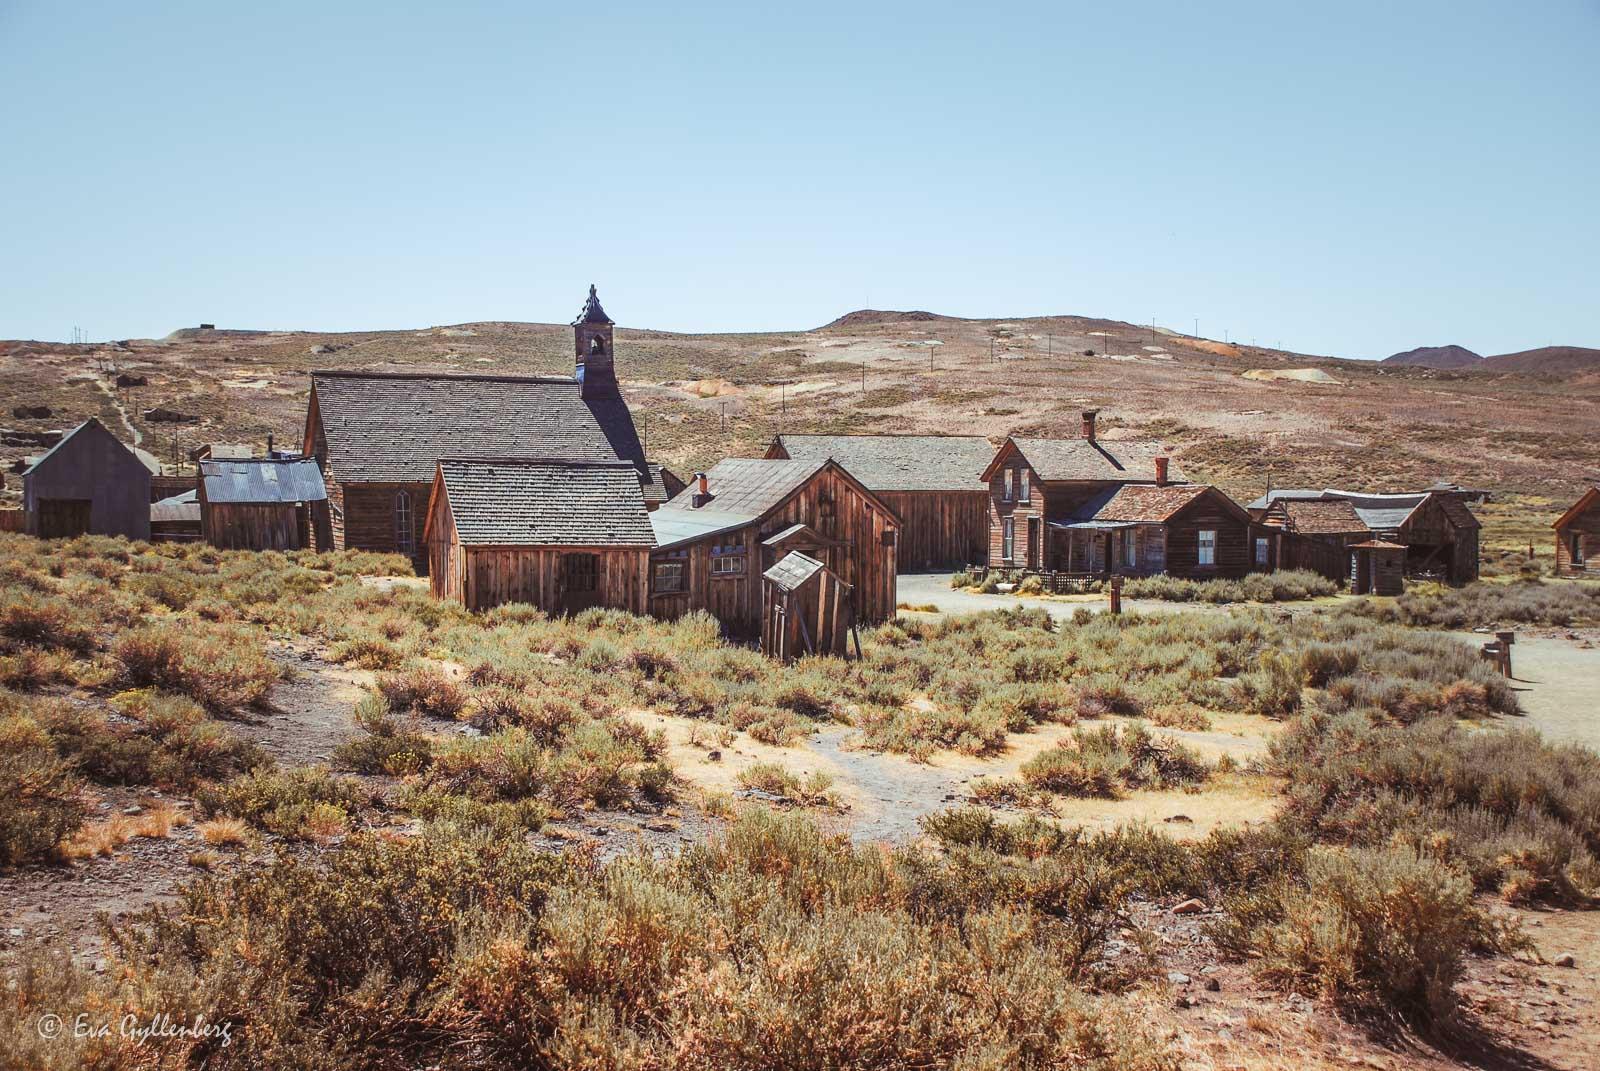 Bildsemester del 1 - Kalifornien i bilder 49